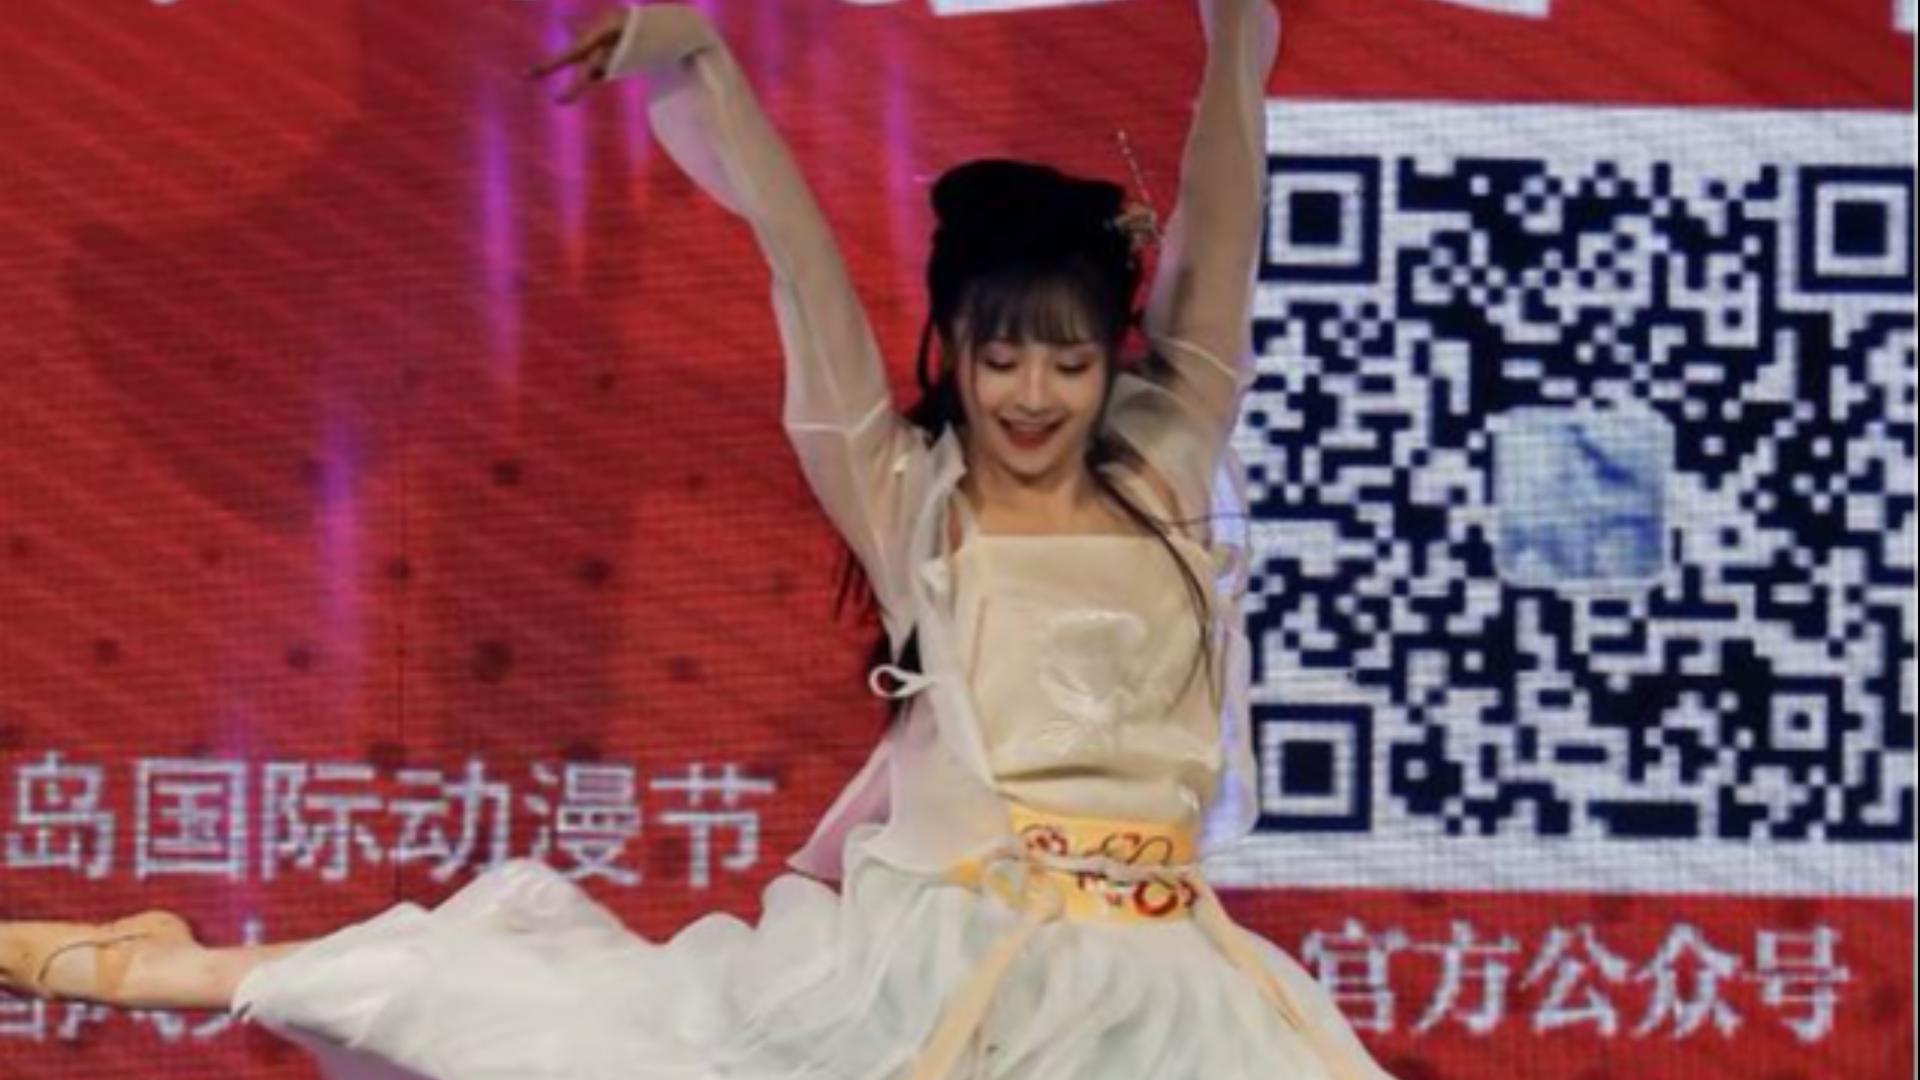 【锦鲤抄】紫颜 雪球 娜娜 青岛漫展现场版(20191201 QICAF)